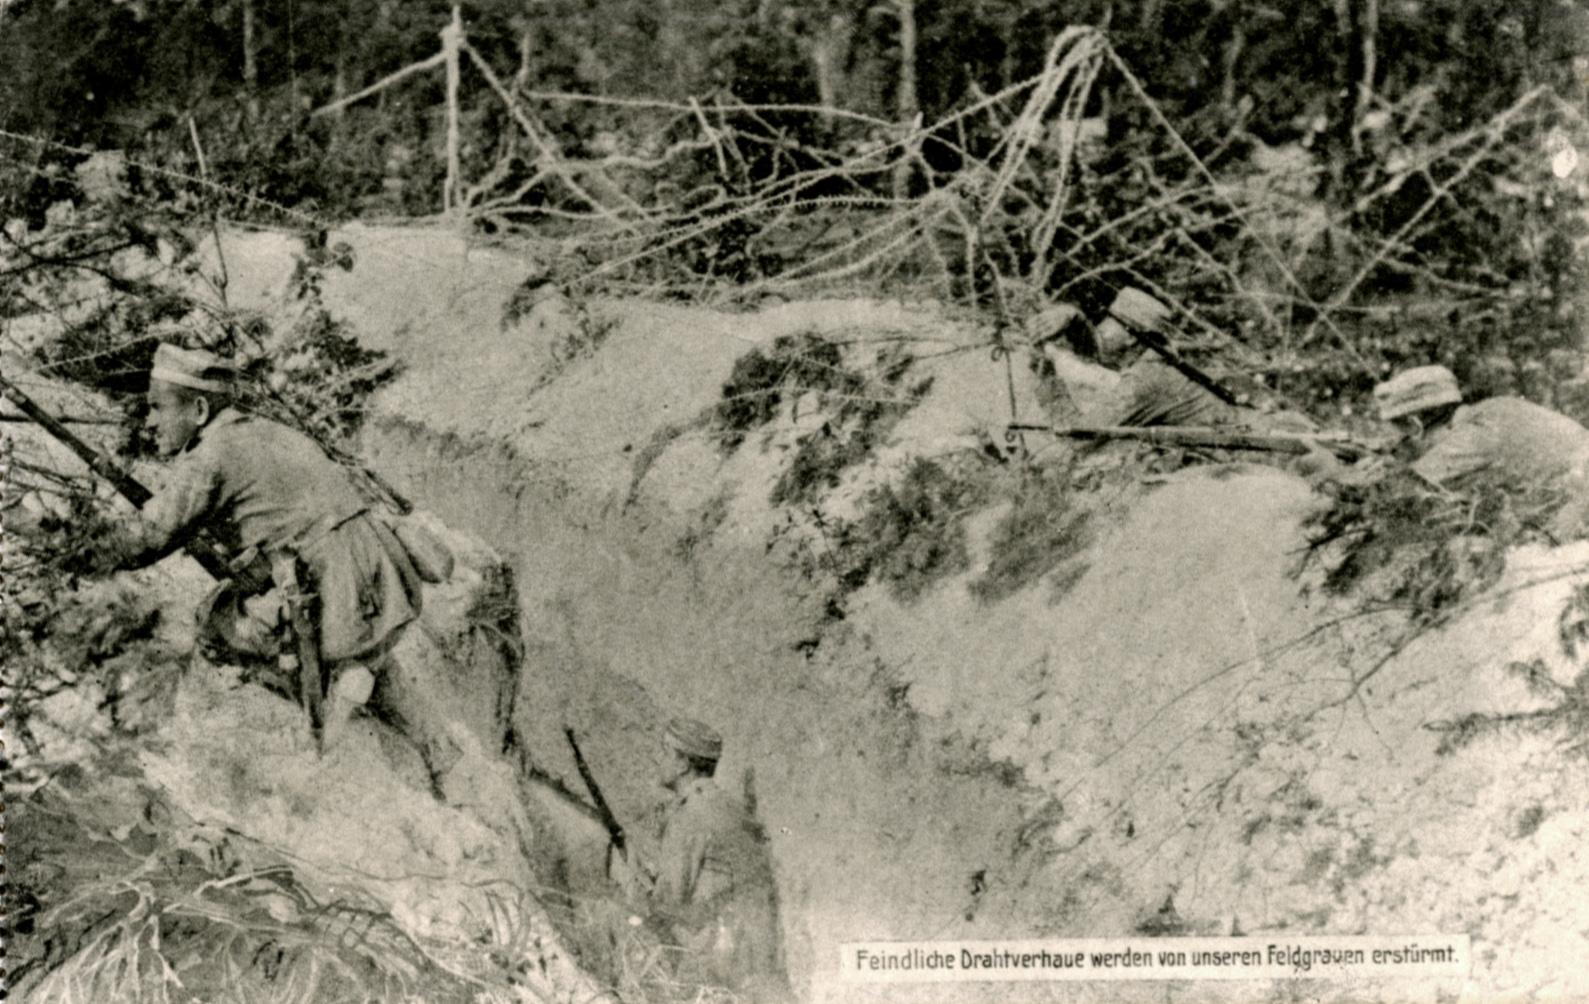 """23. april 1915. Gasangrebet ved Ypres:  """"Det er umuligt at beskrive den tilstand, der herskede her i dødens hule."""""""